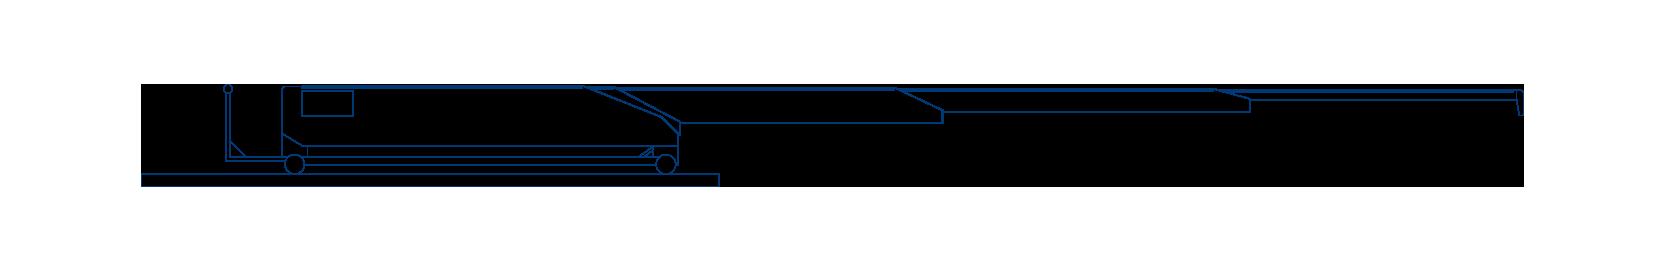 MTC conveyor diagram